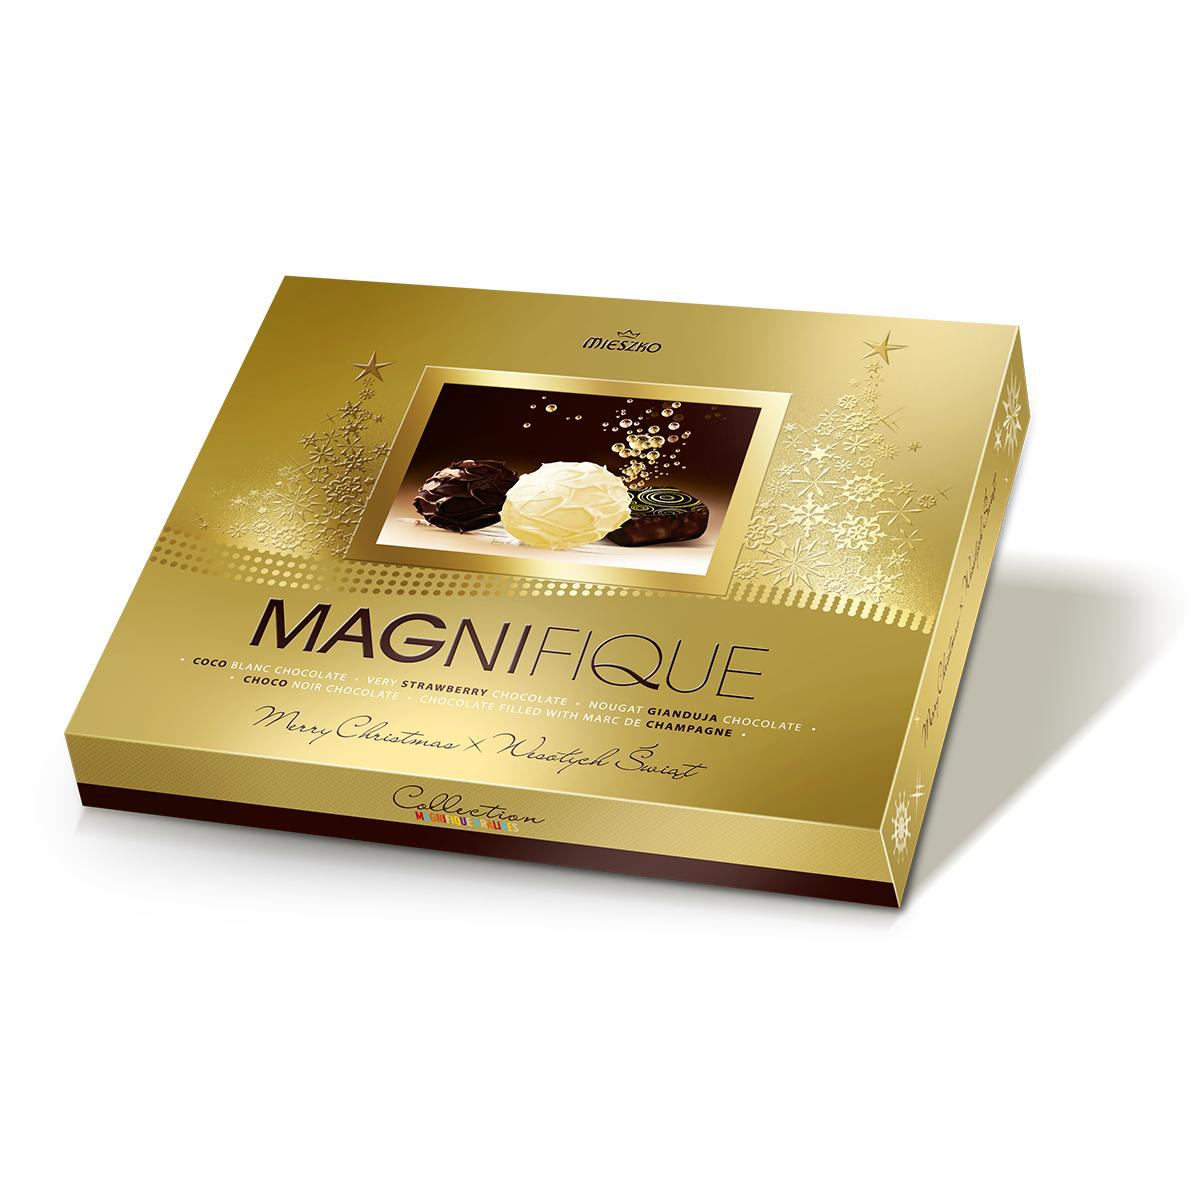 2020_09_09_magnifique_8